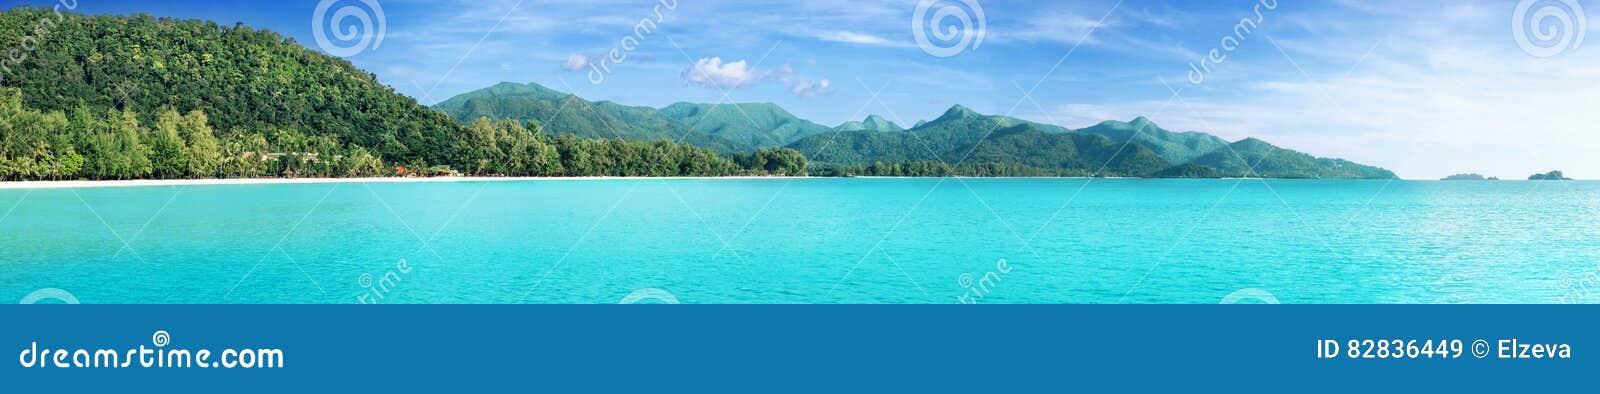 Piękna tropikalna Tajlandia wyspa panoramiczna z plażą, białym morzem i kokosowymi palmami,